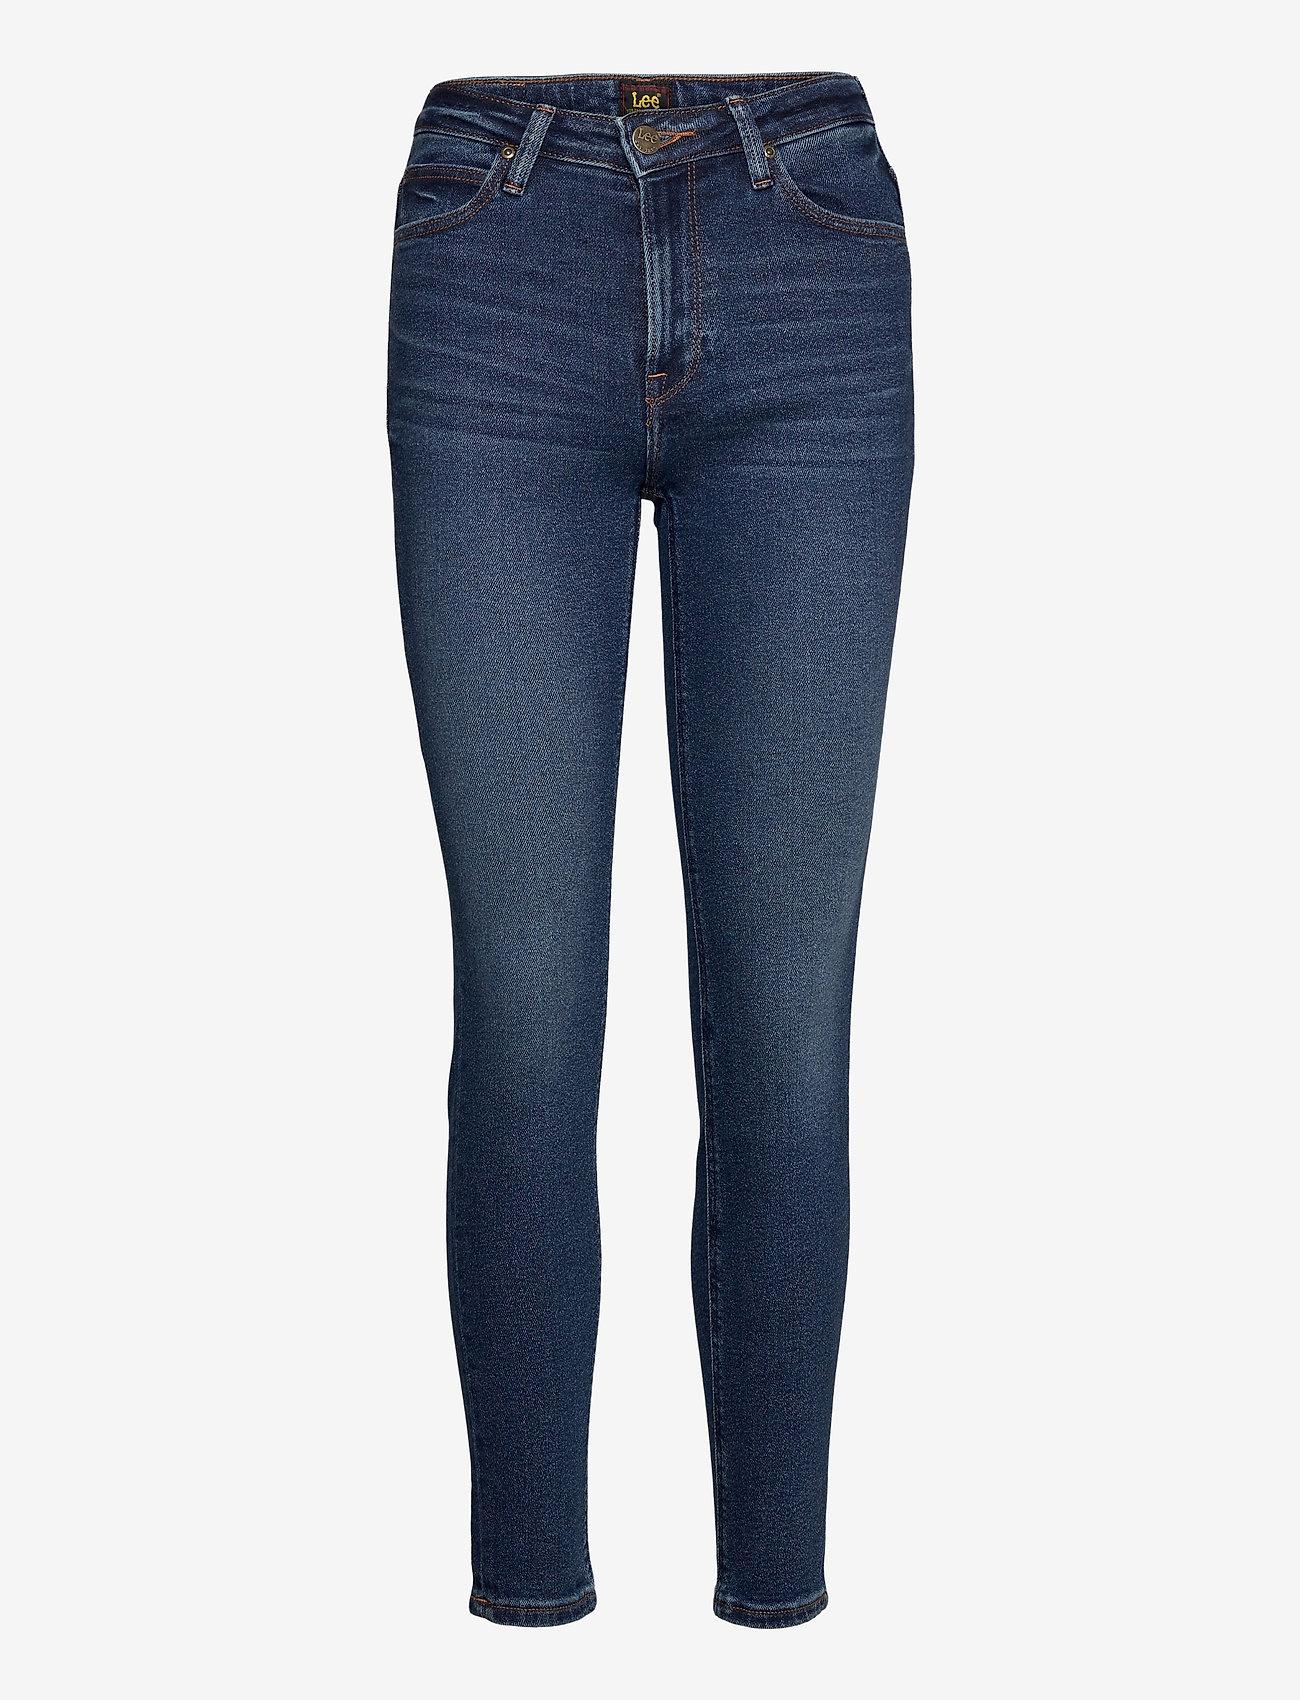 Lee Jeans - Scarlett High - skinny jeans - dark de niro - 0